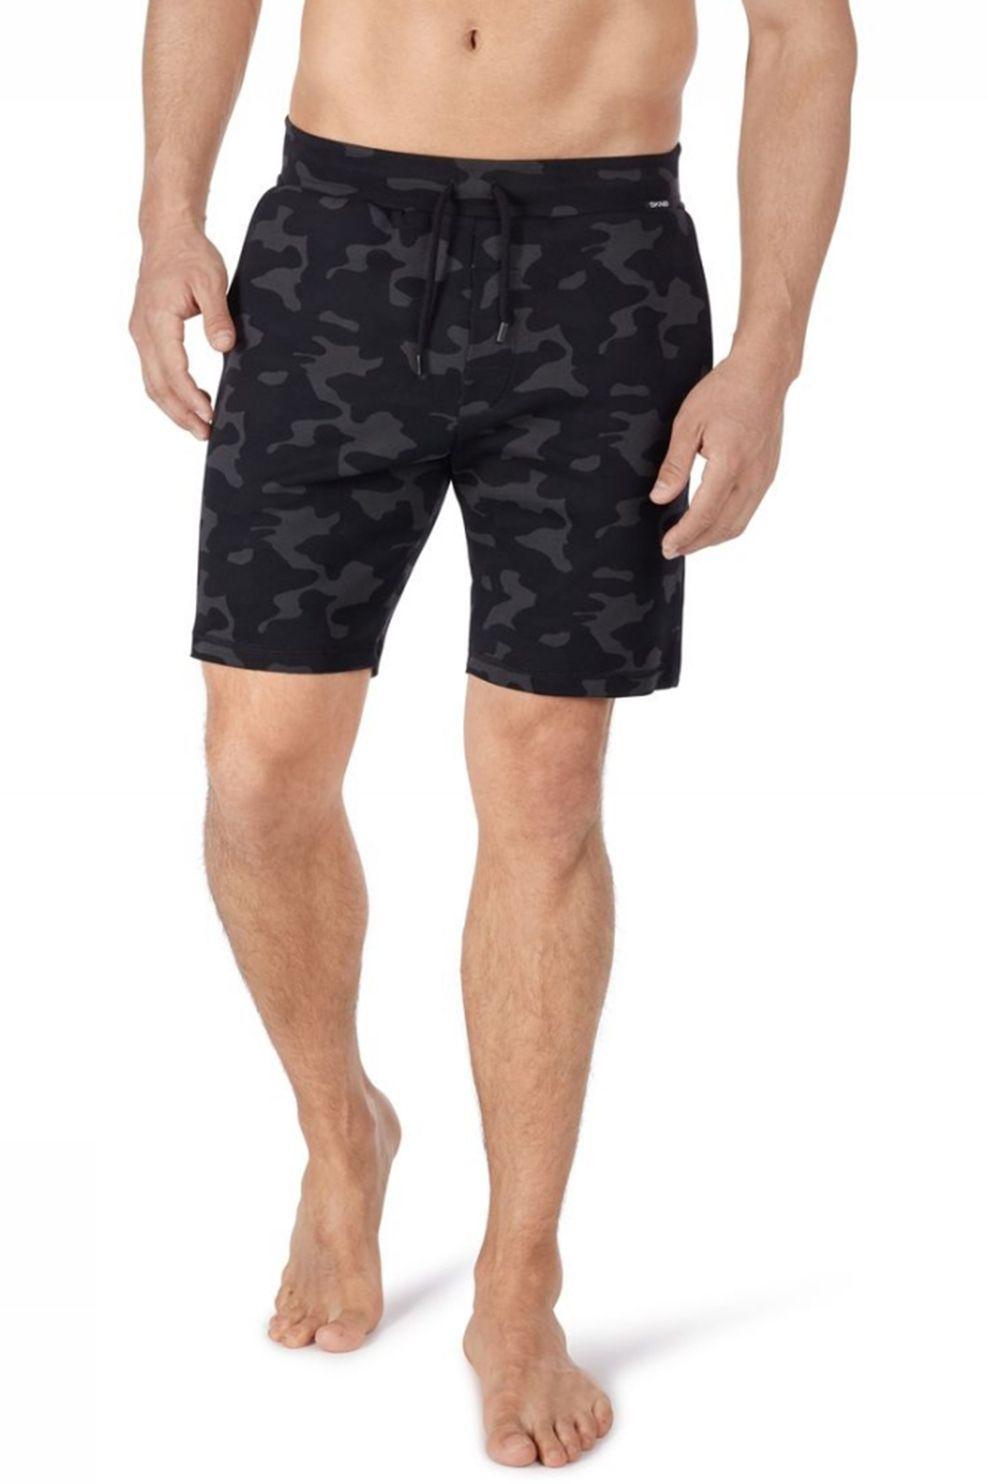 Skiny Short Men voor heren - Maten: S, M, L, XL